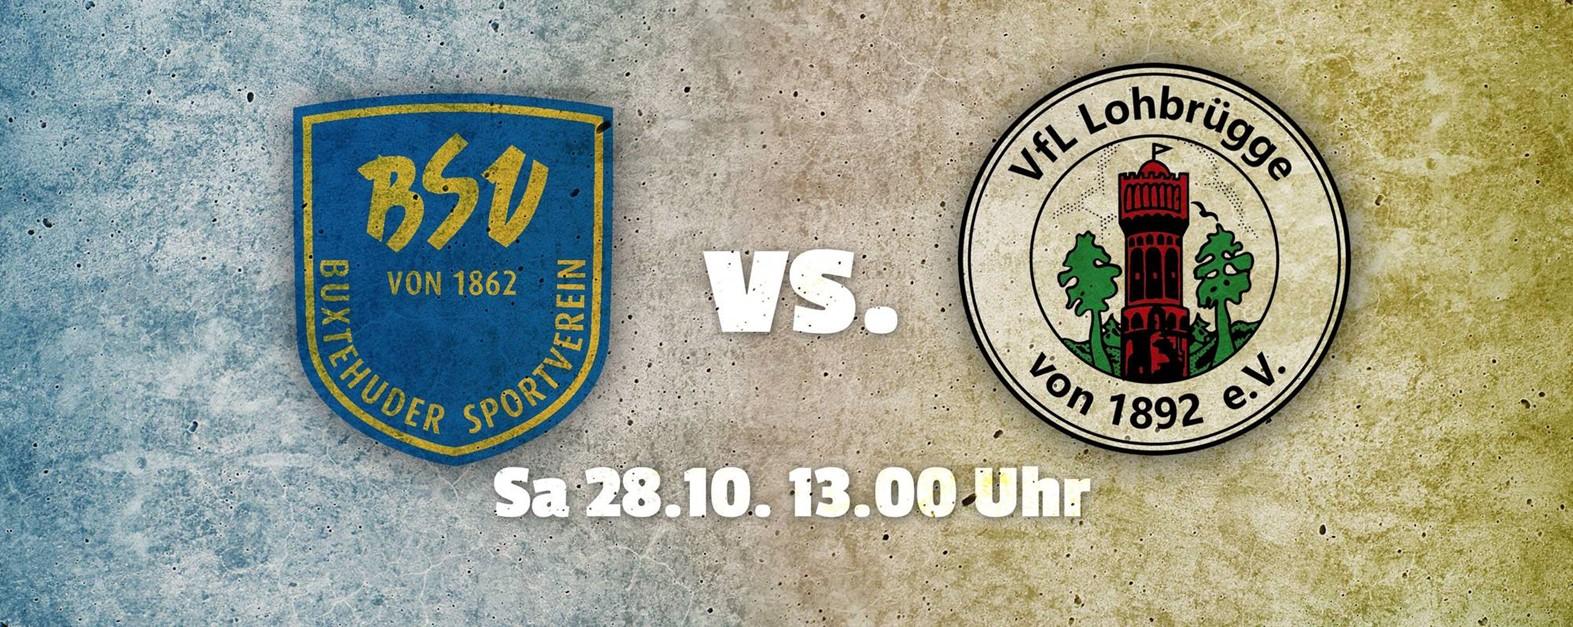 Vorschau 14. Spieltag BSV vs. Lohbrügge